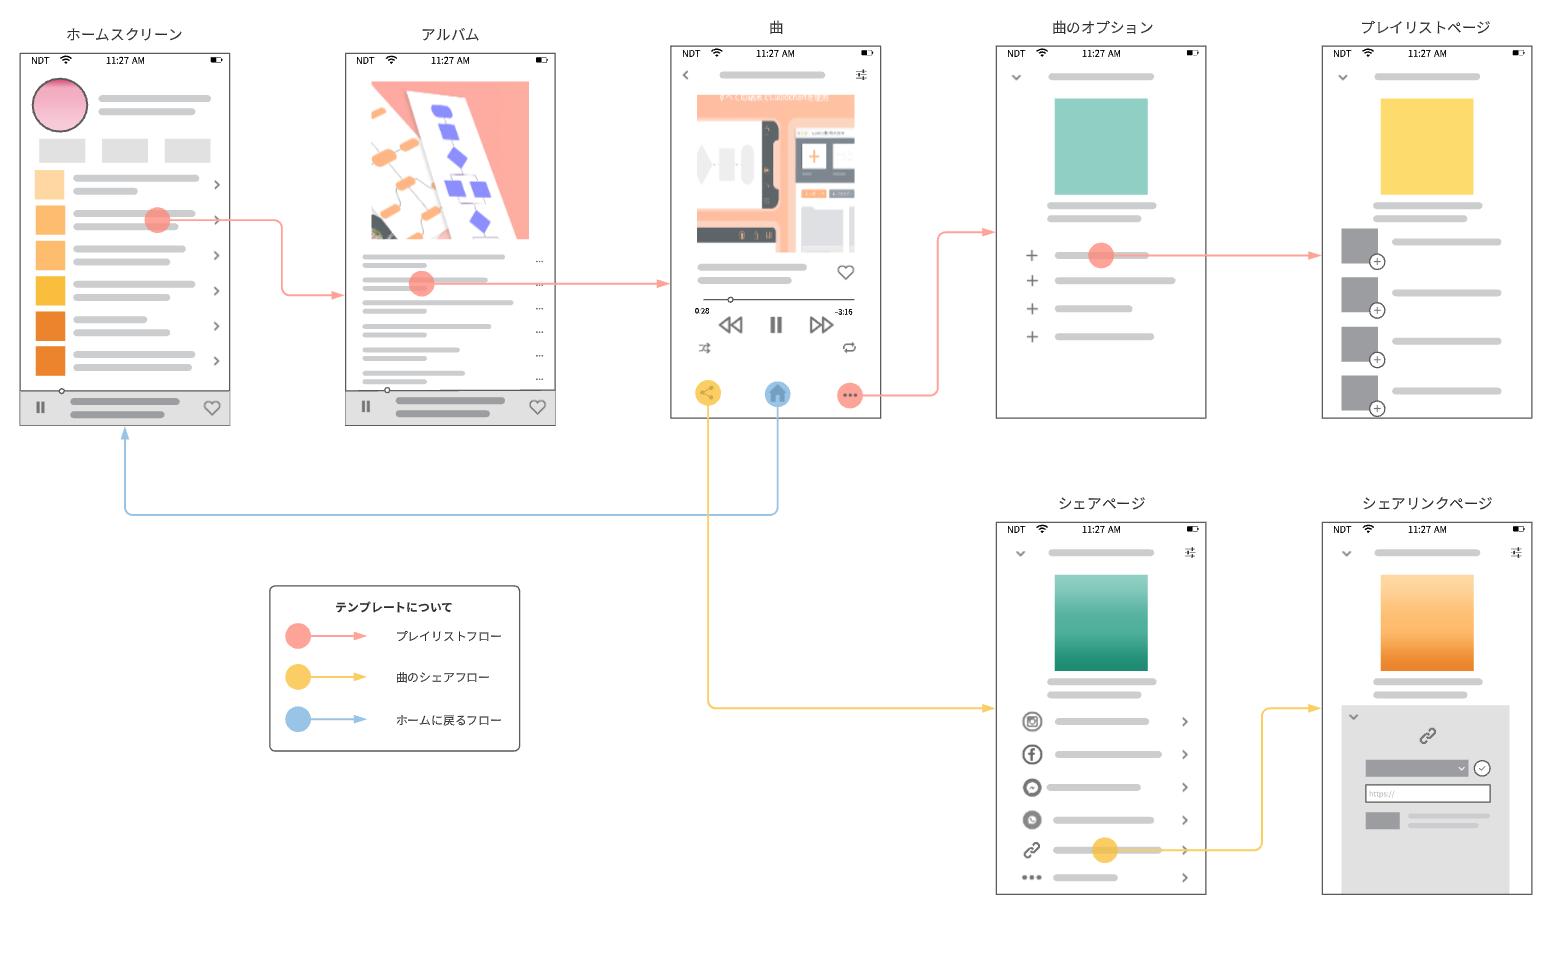 アプリ流れを表した画面遷移図テンプレート